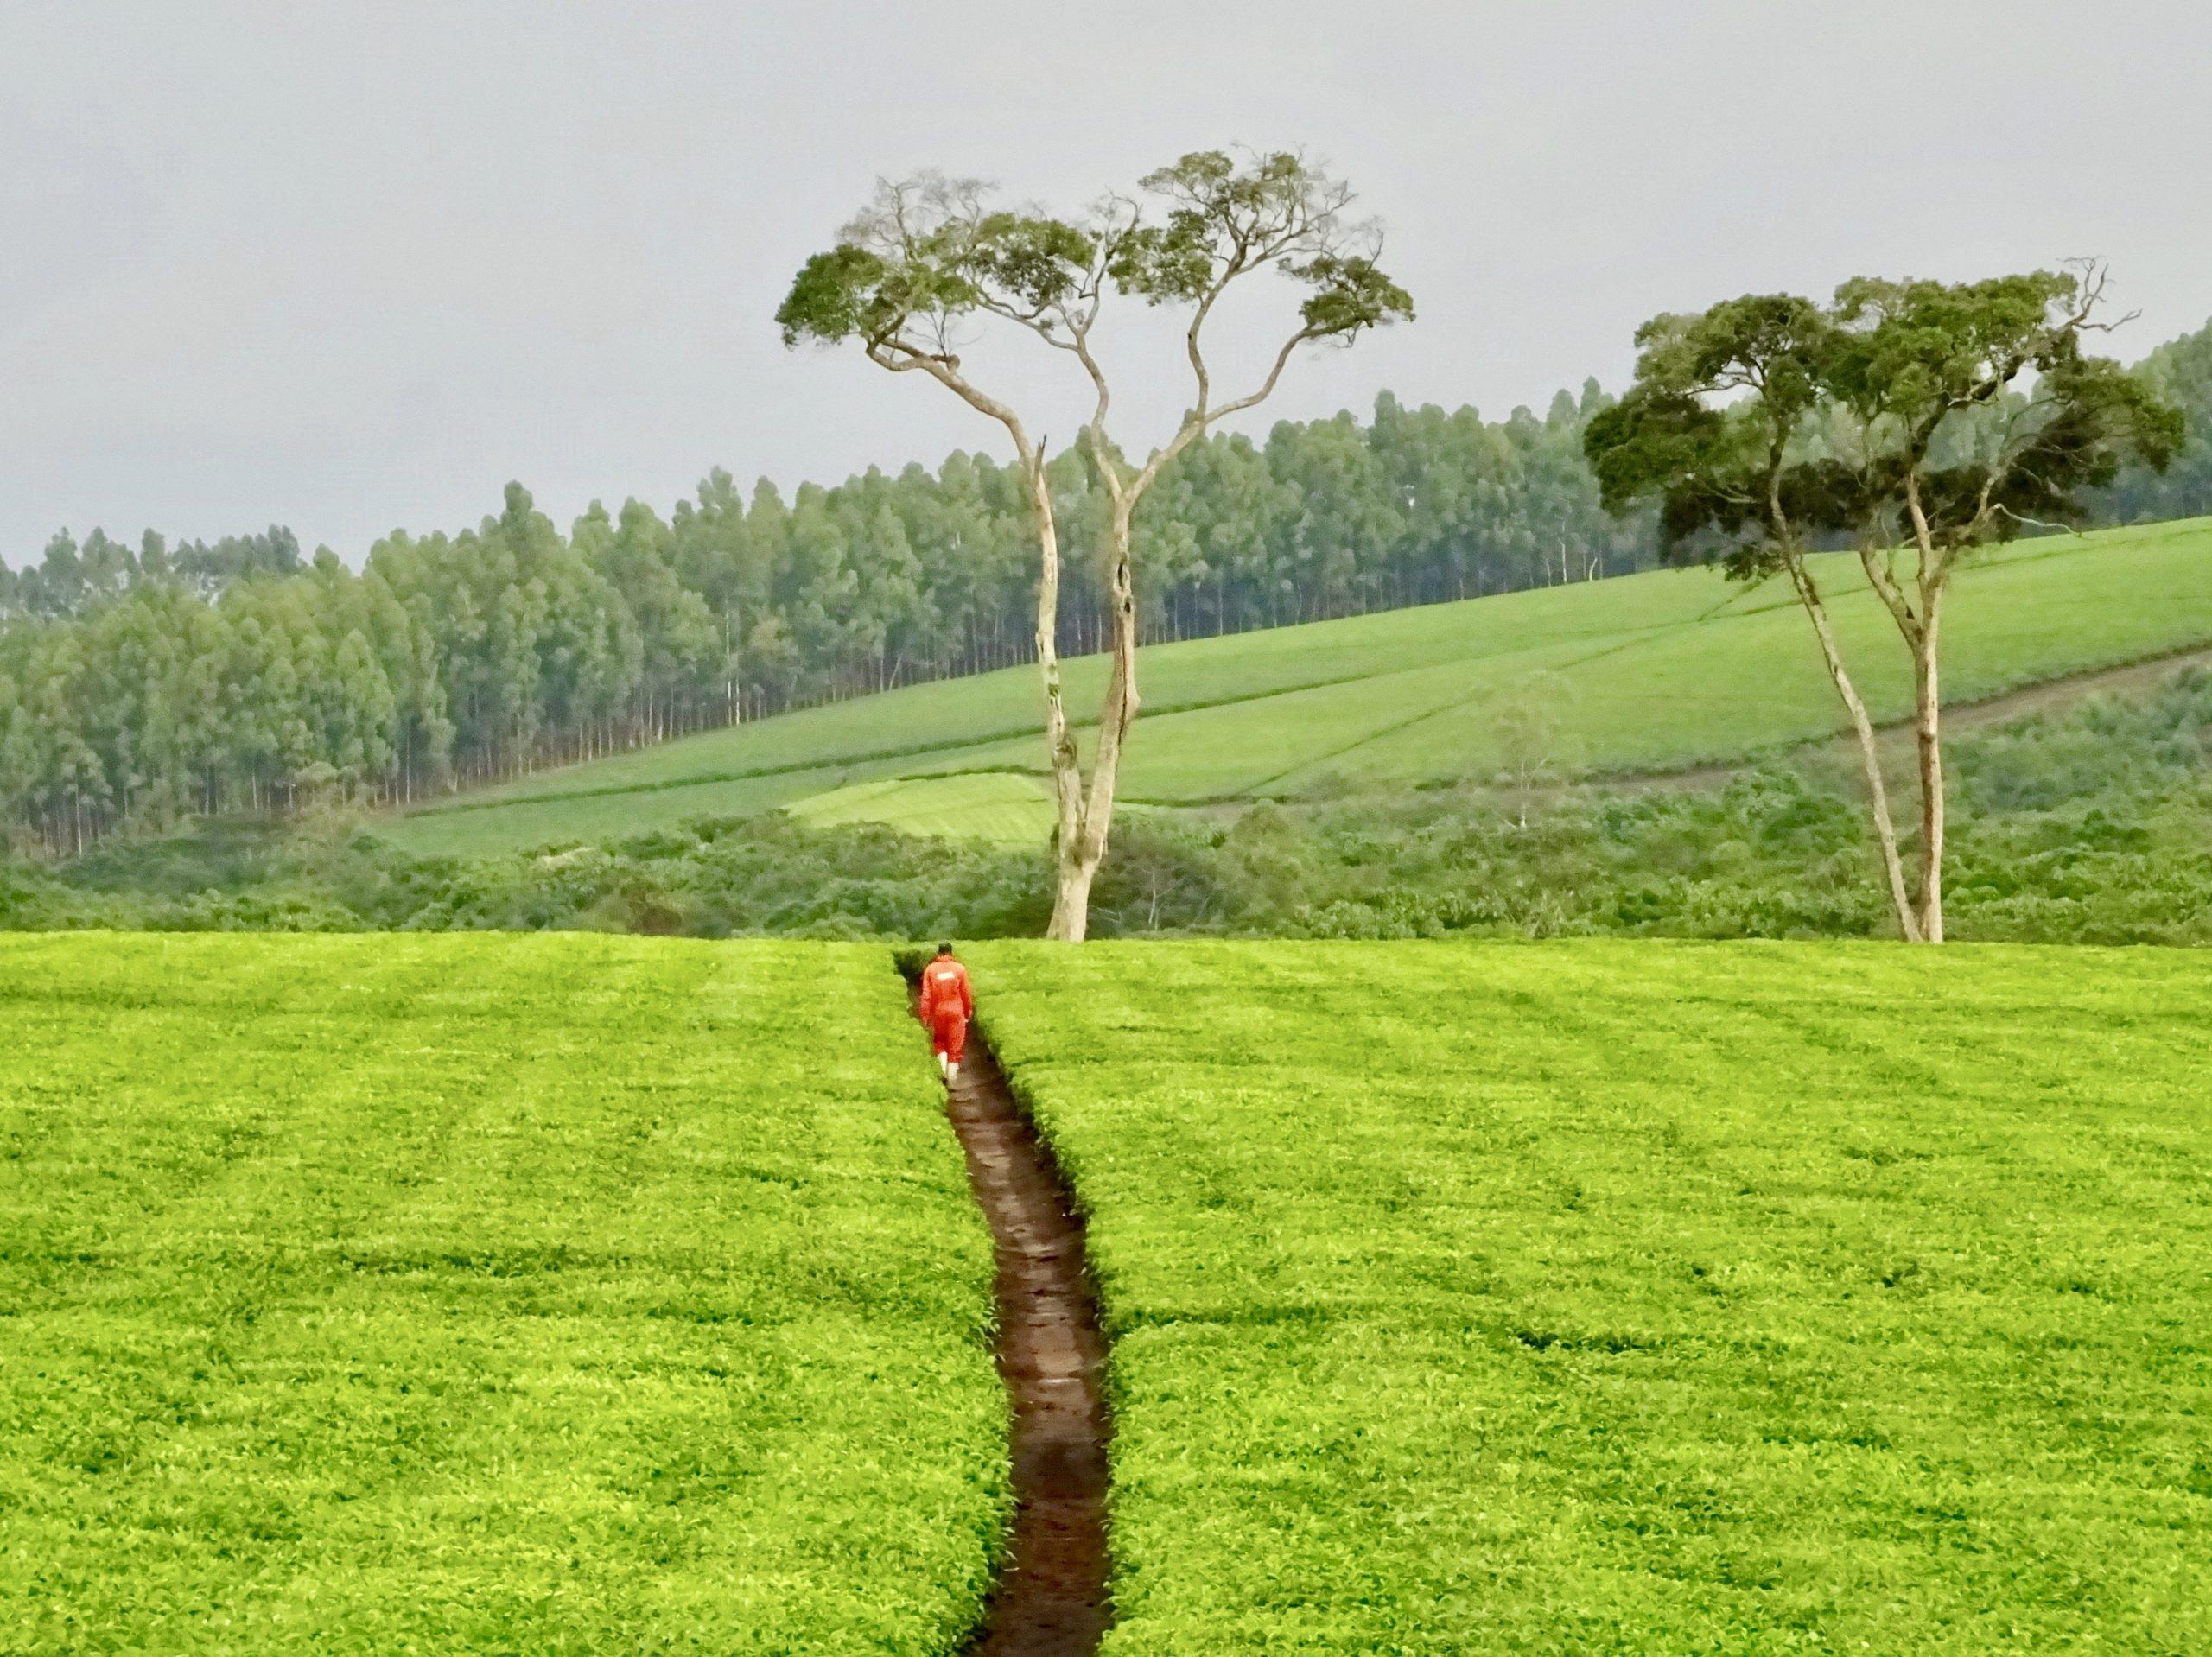 Een medewerker van Ankole Tea Estate baant zich een weg tussen theevelden door